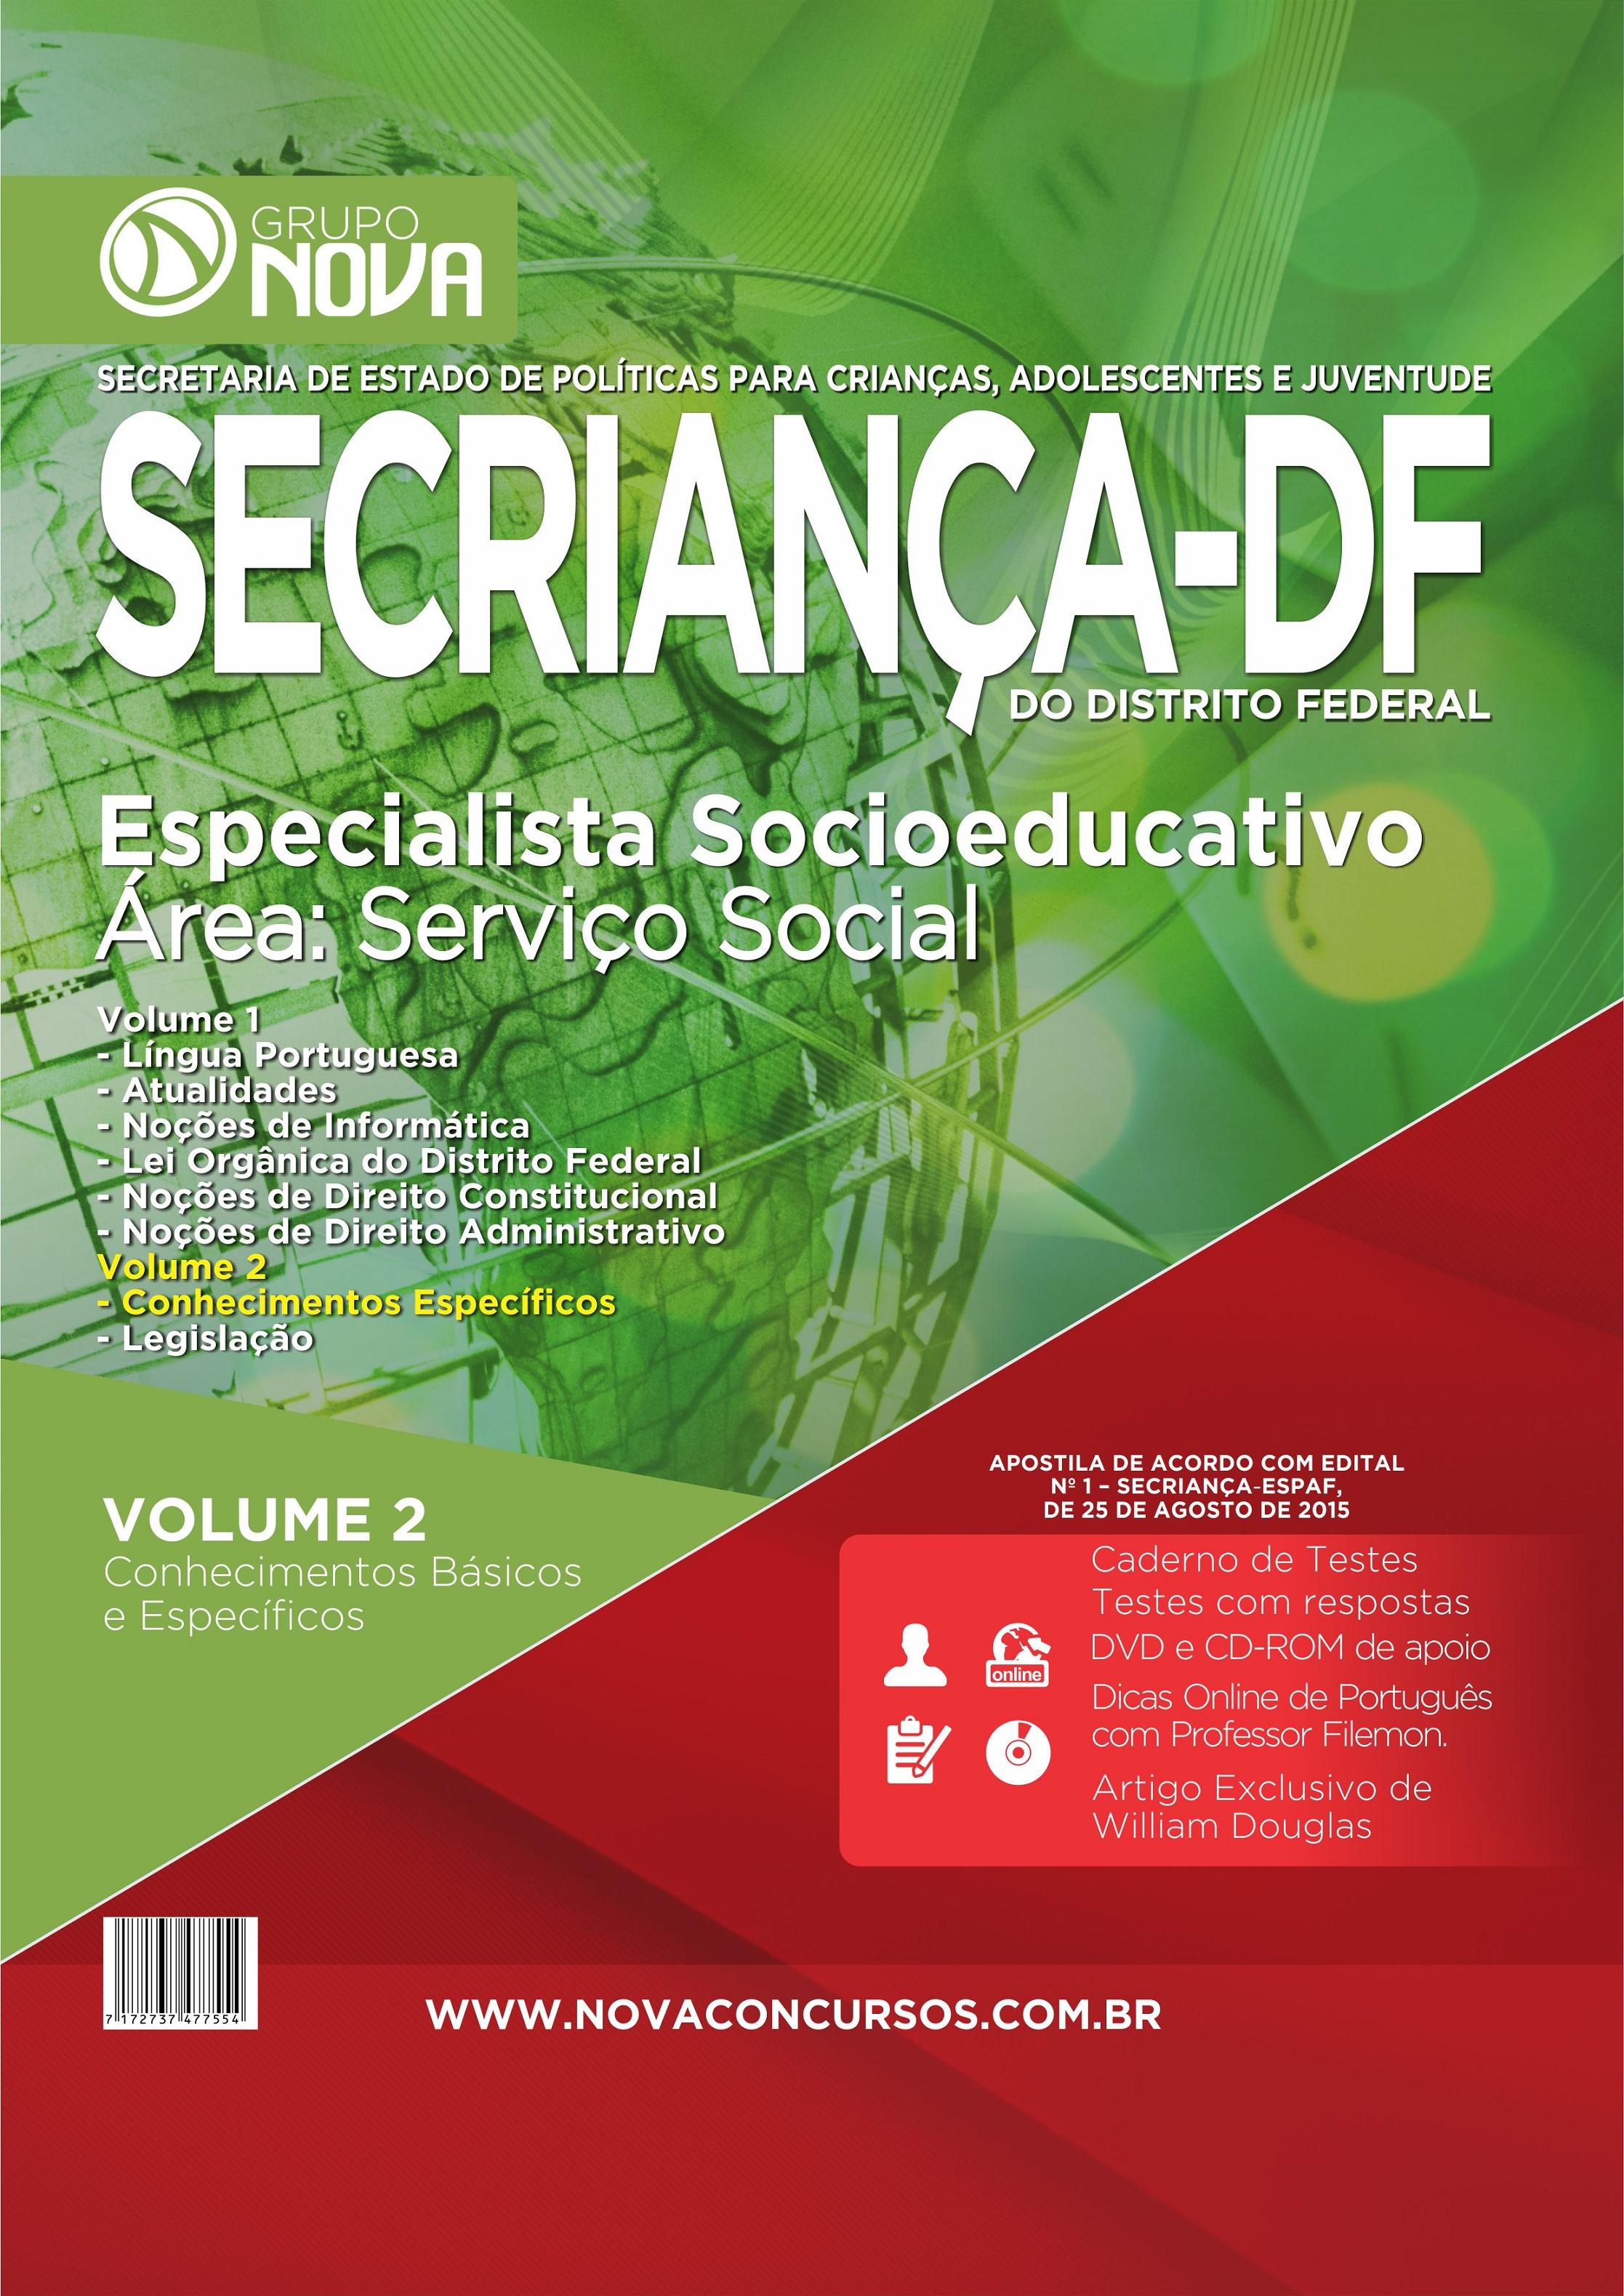 Apostila SECriança 2015 - Especialista Socioeducativo - Área: Serviço Social ( Impresso )